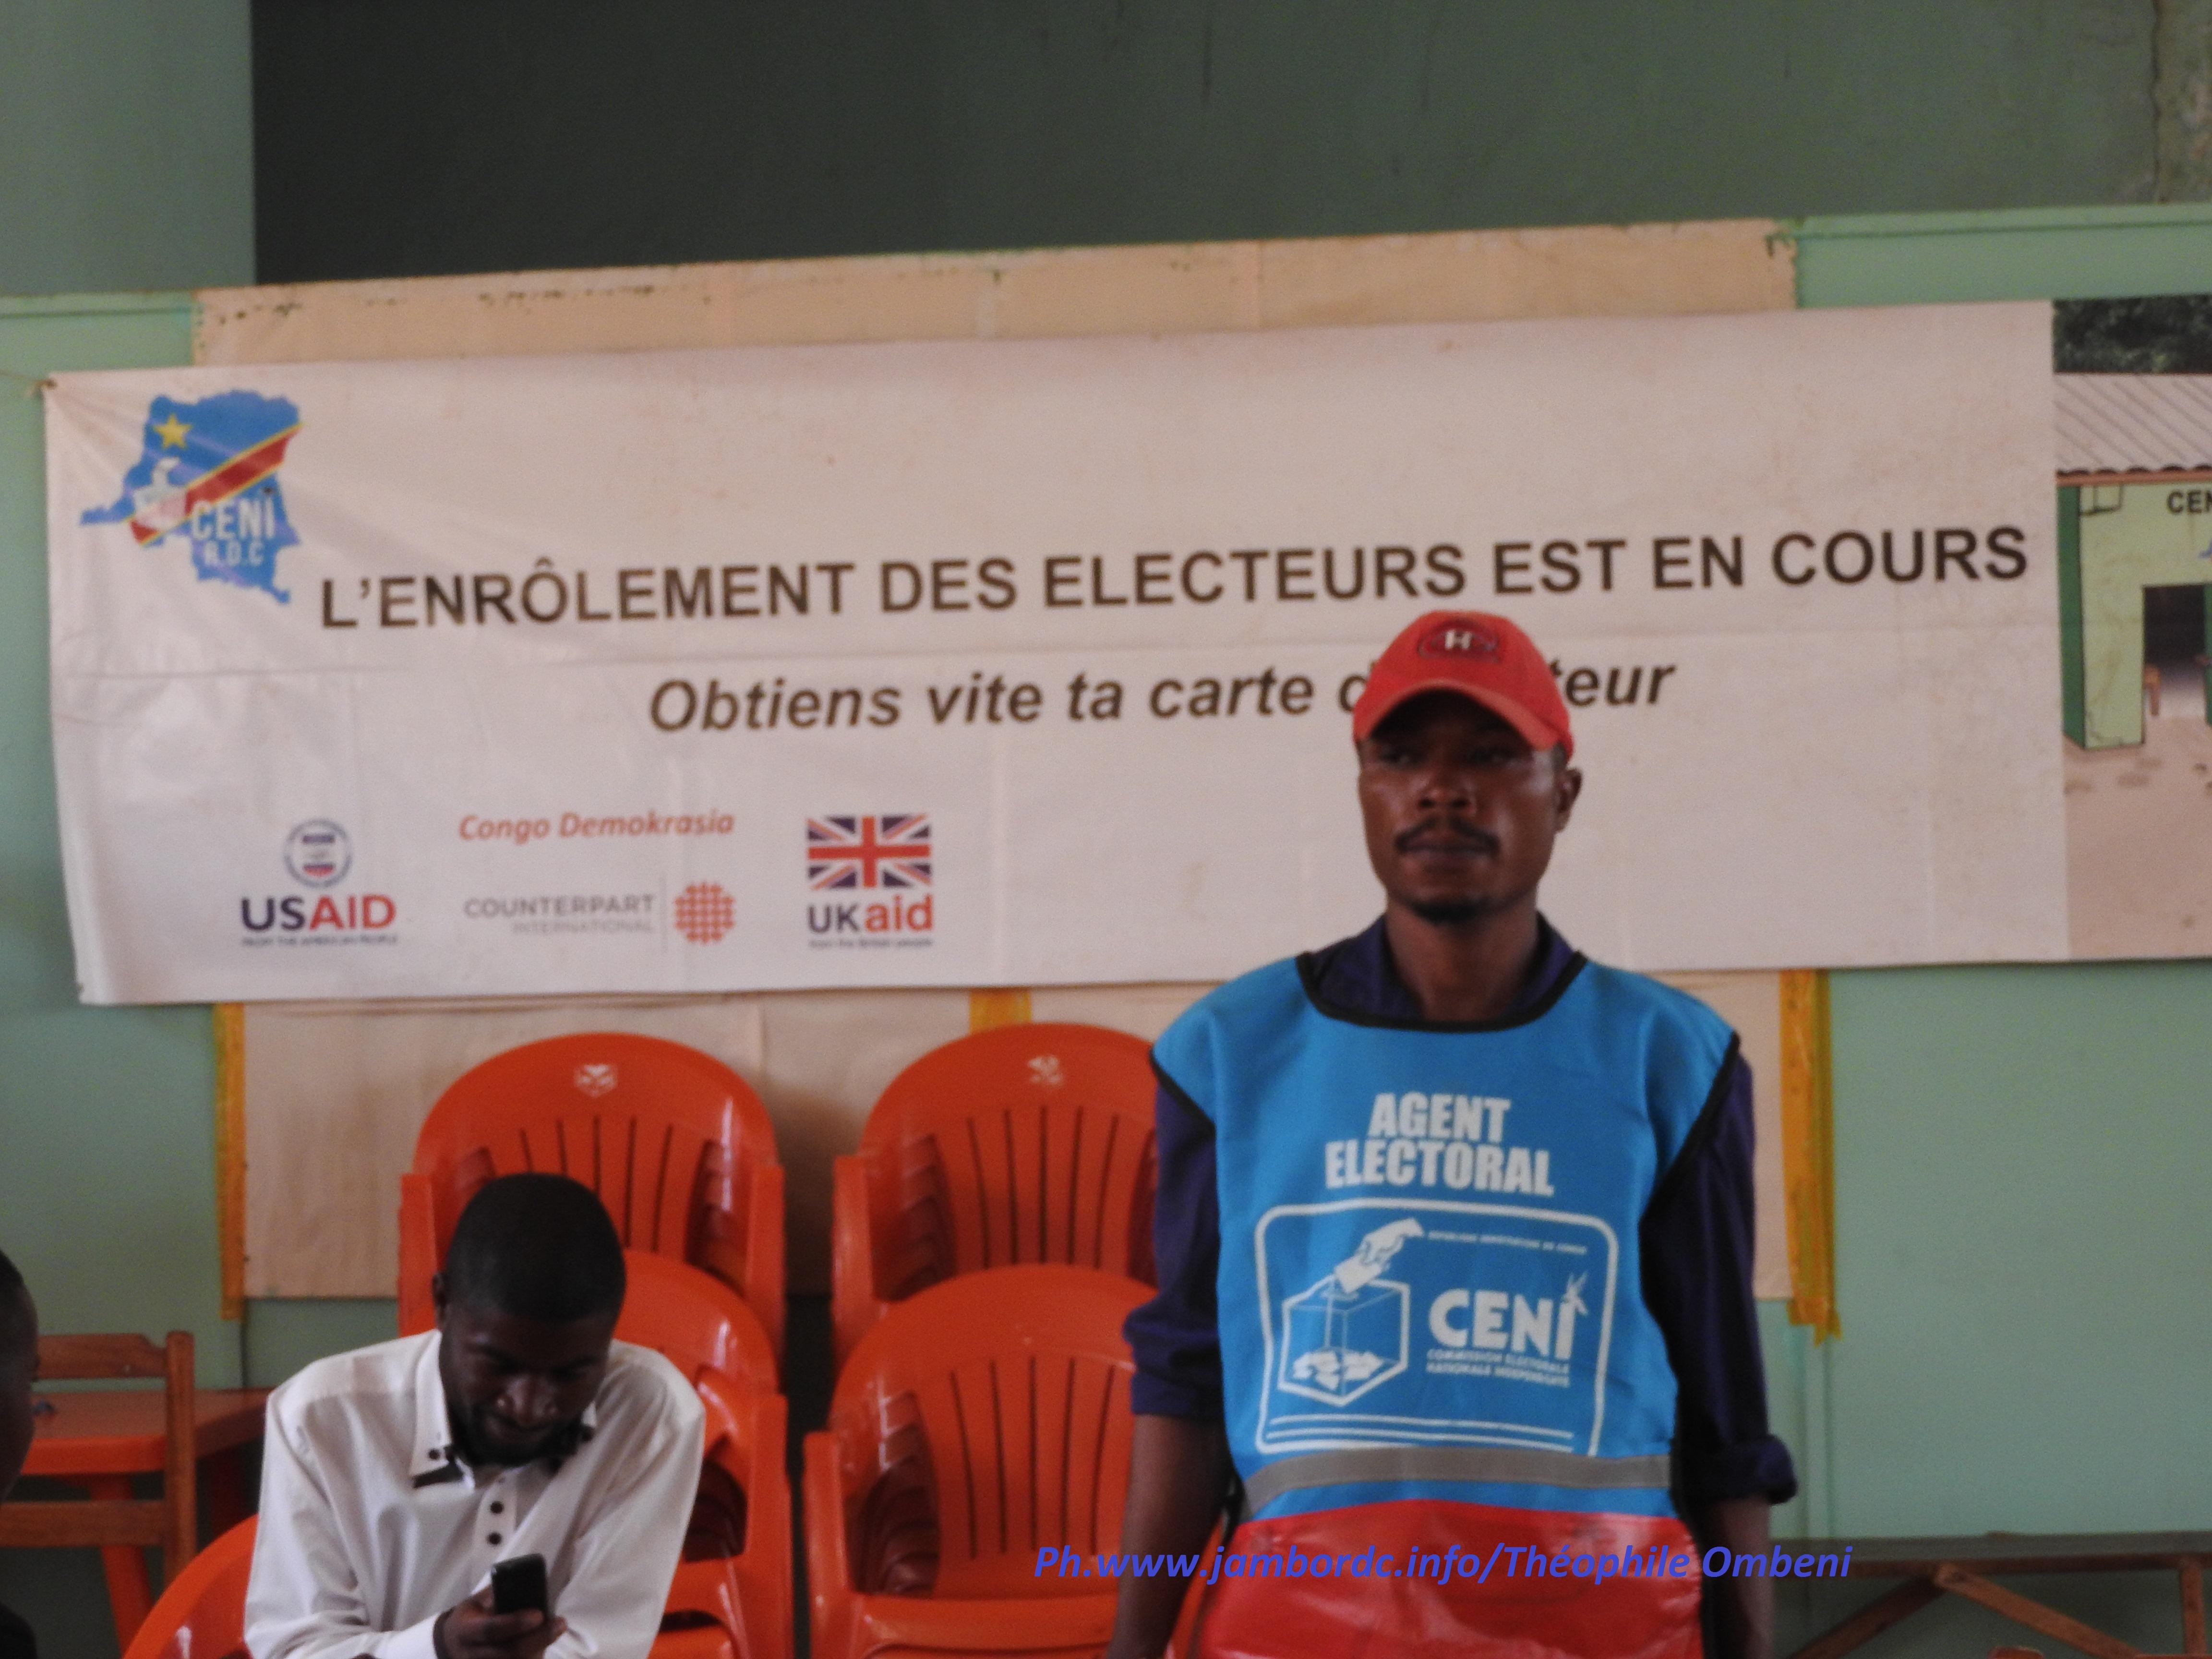 CENI : il y a des kits suffisants pour l'enrôlement des électeurs au Sud Kivu